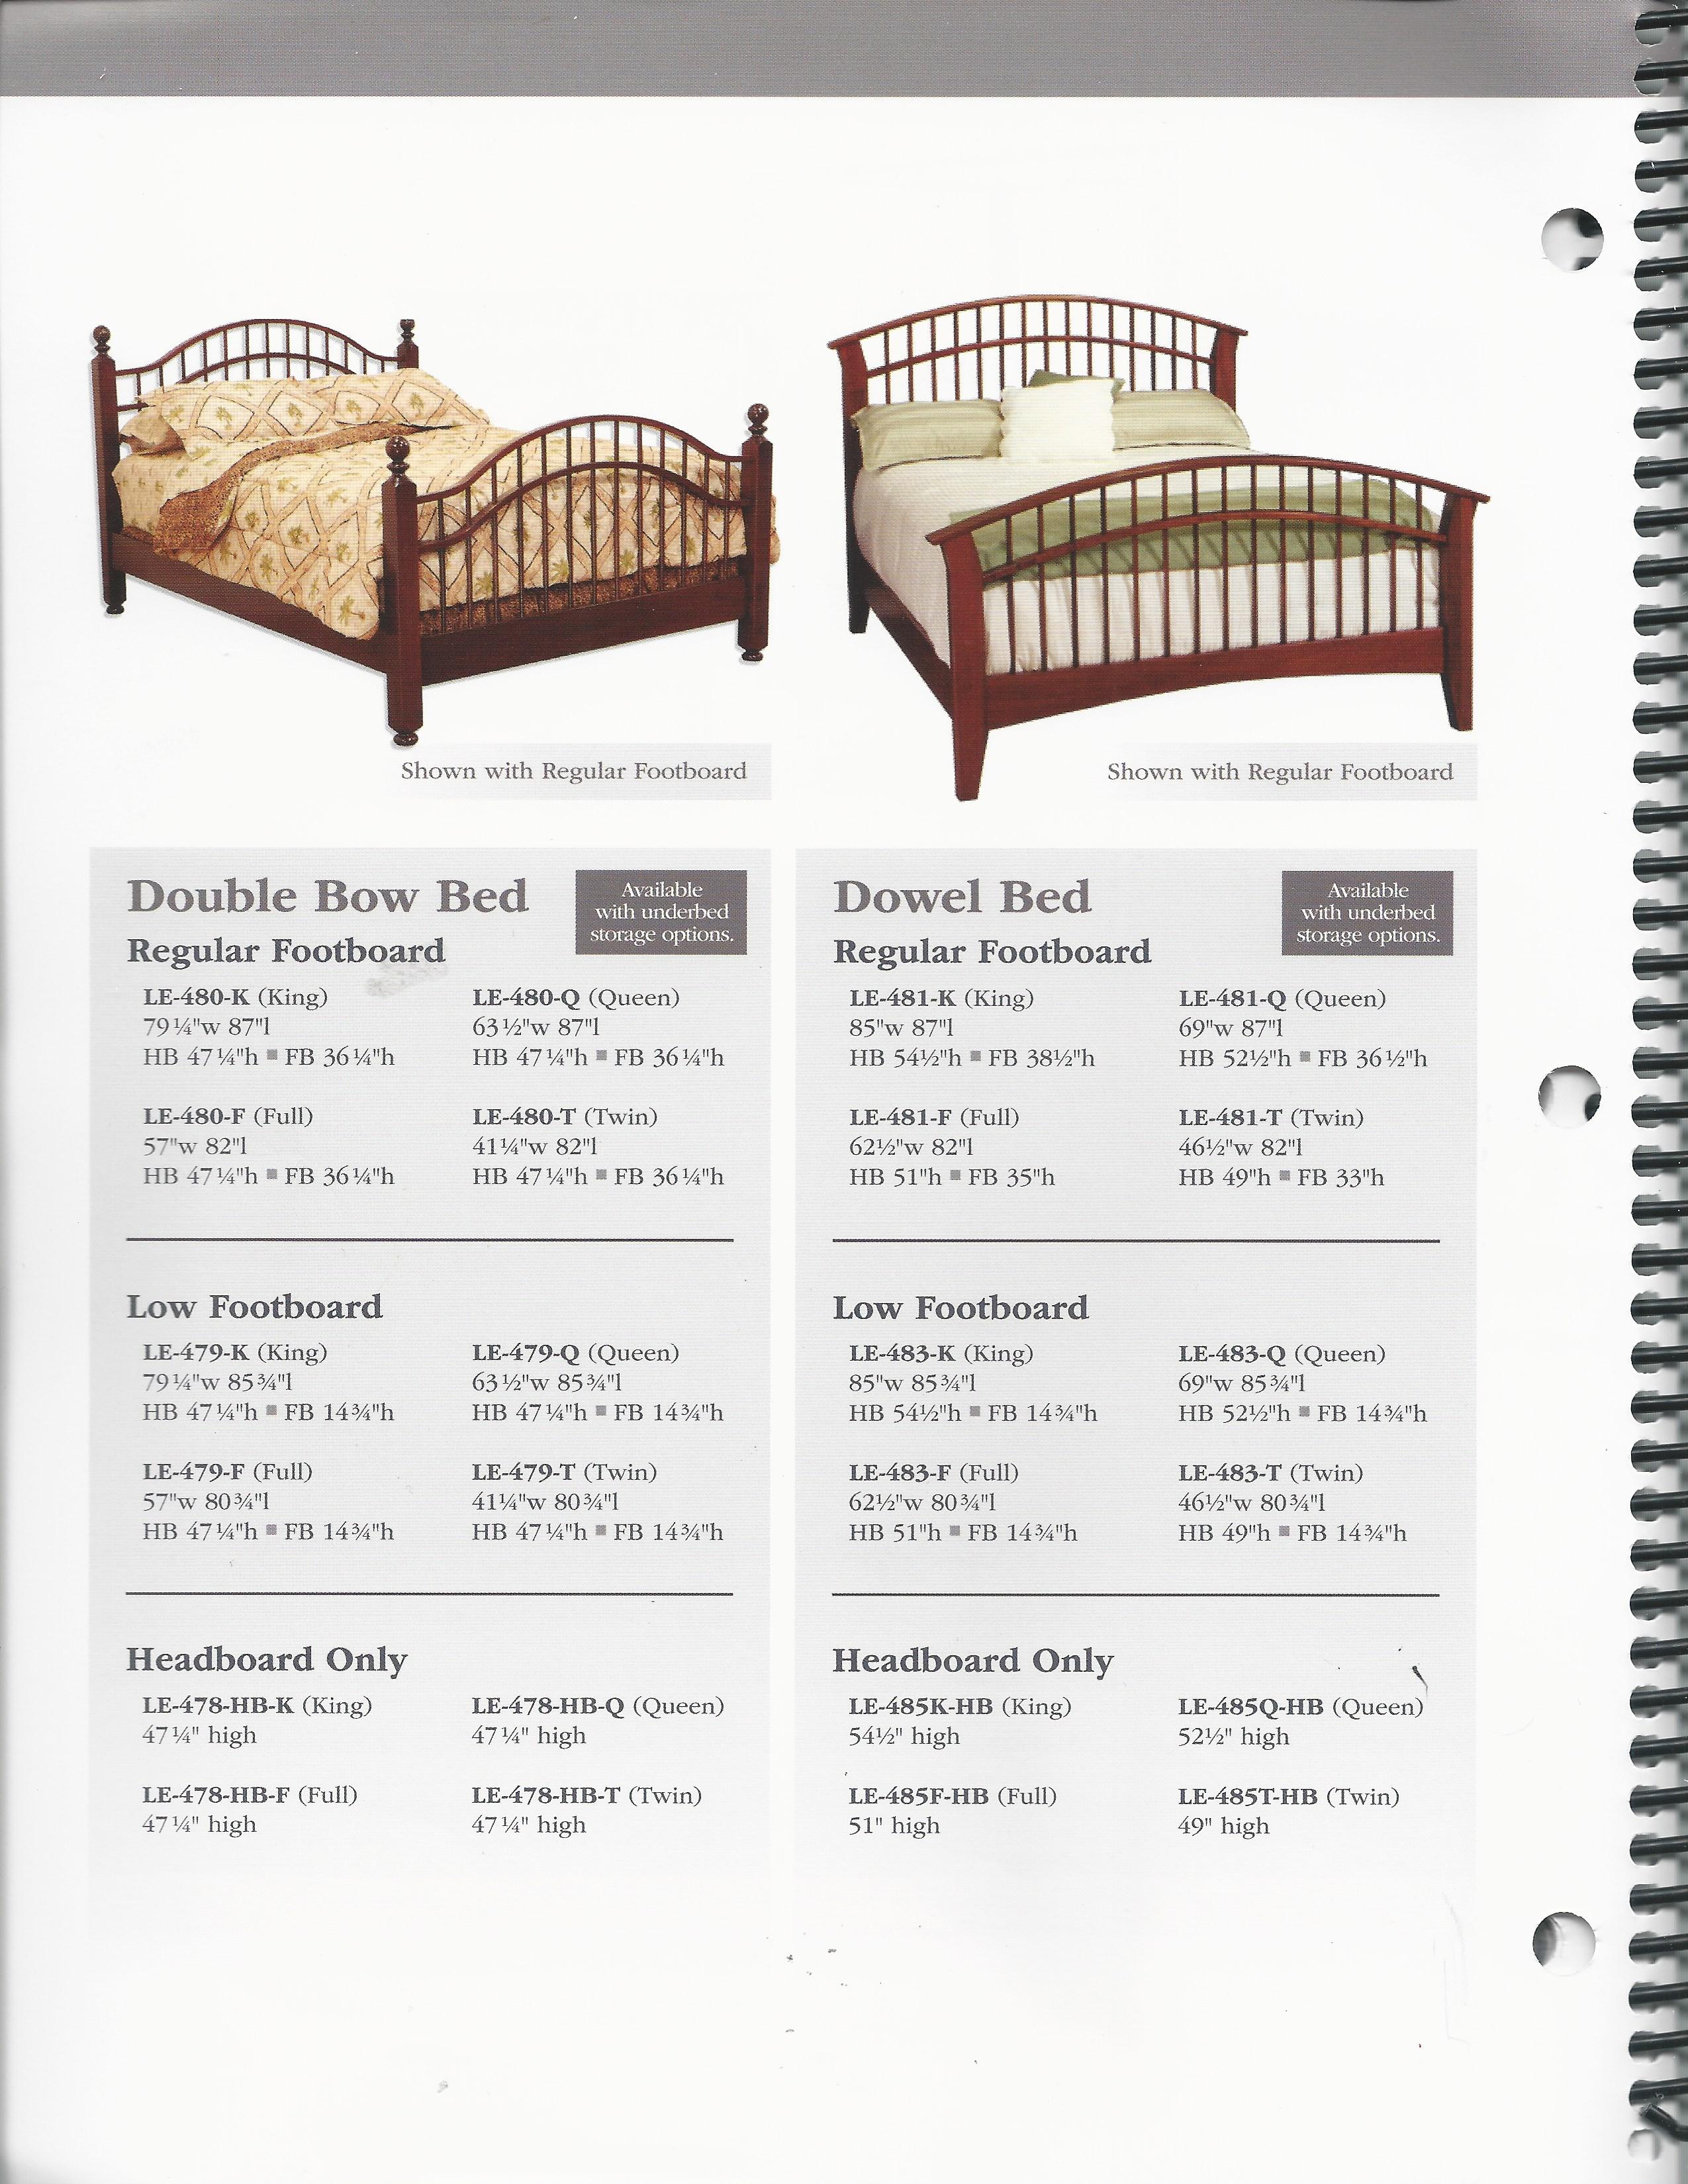 beds7